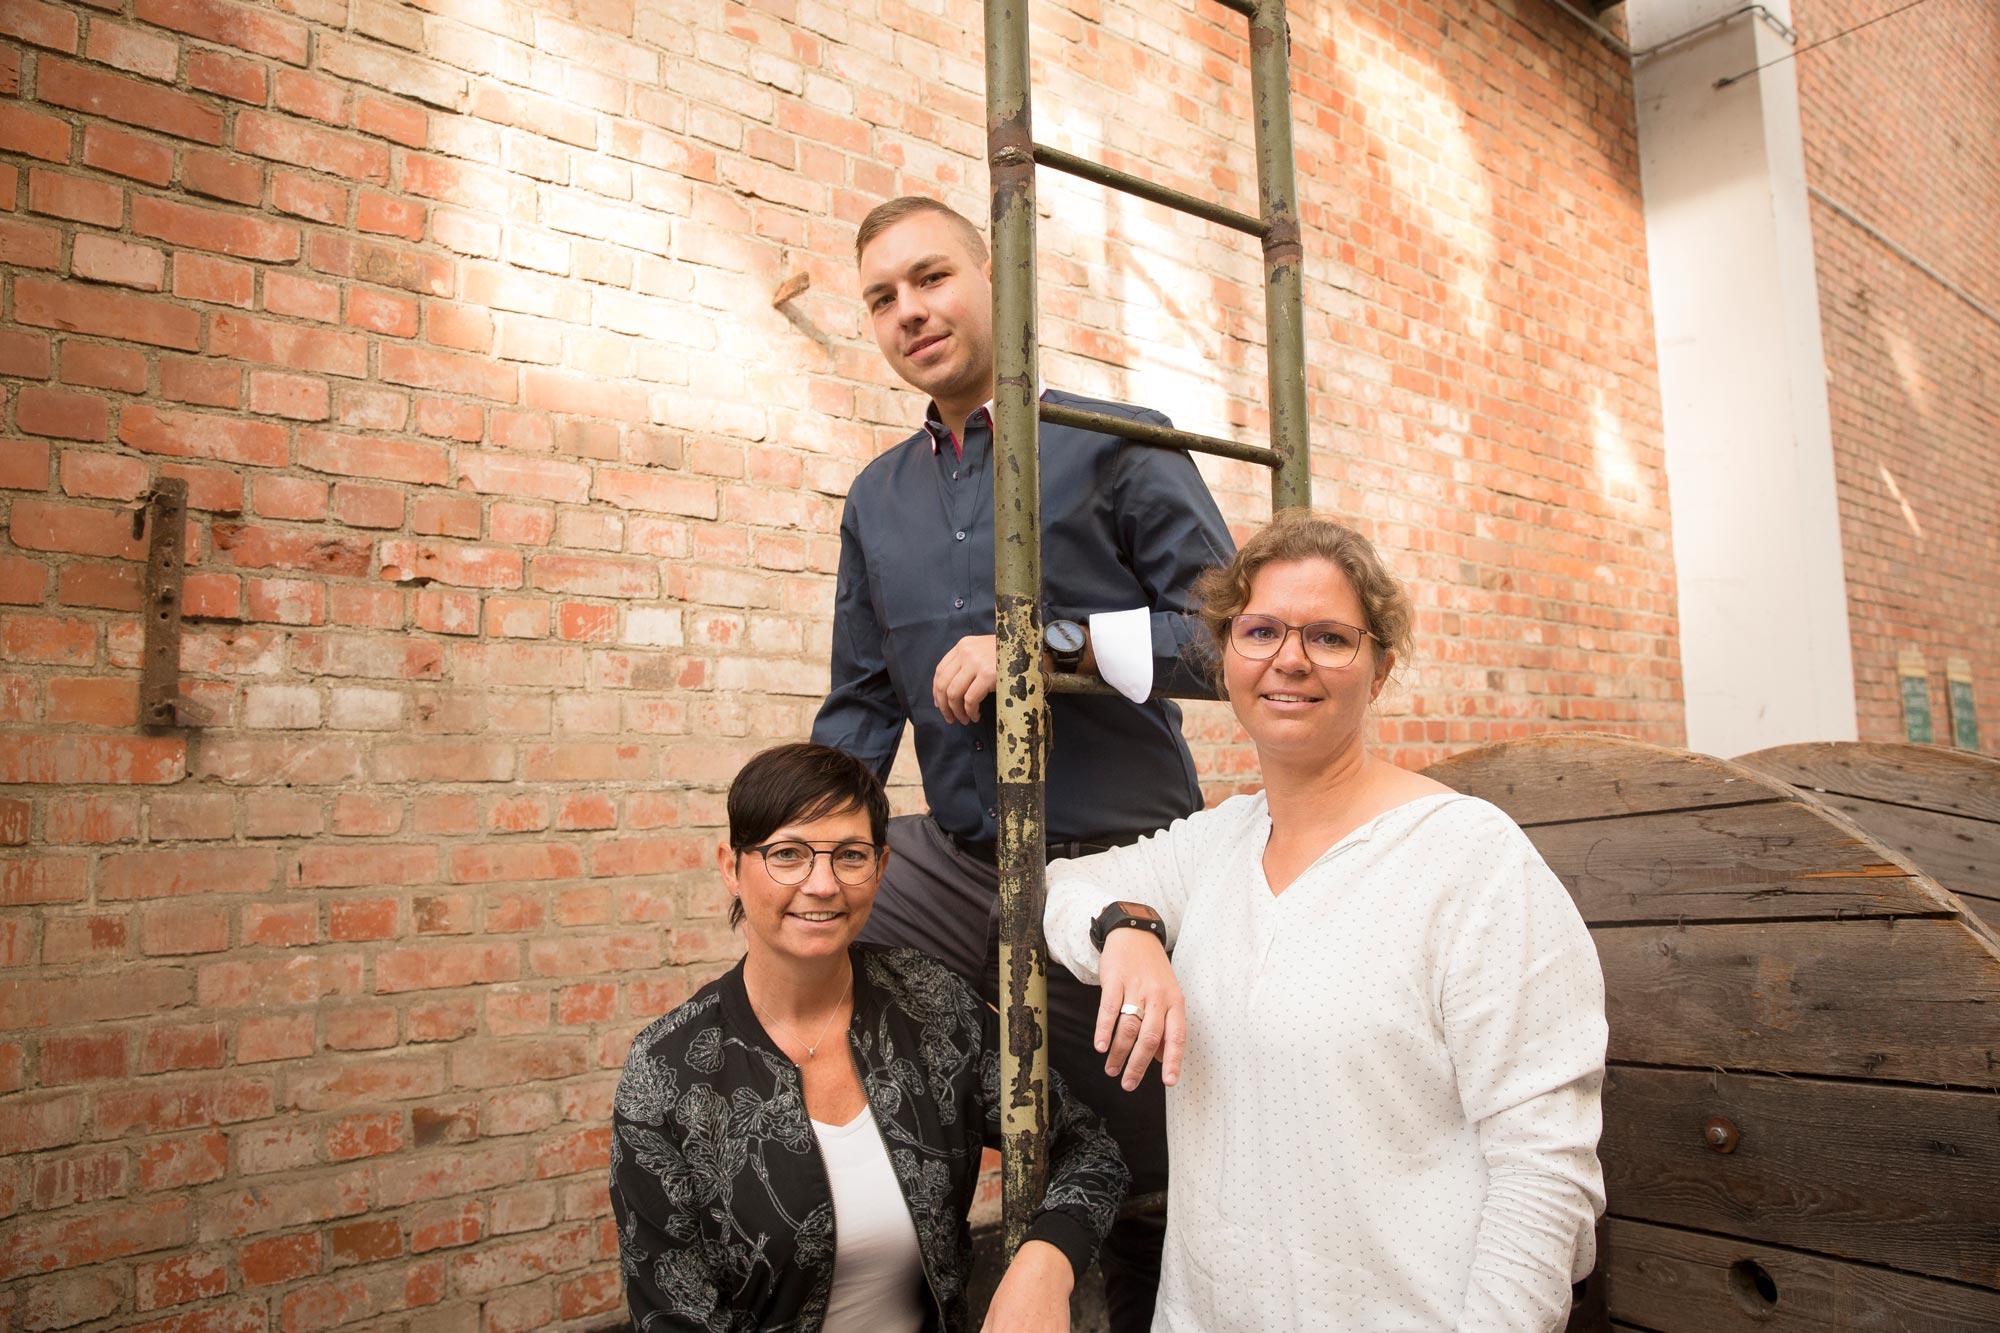 Sibylle Weinaug, Anja Stengel und David Splisteser von Optik Sagawe in Rostock haben Freude am Sehen